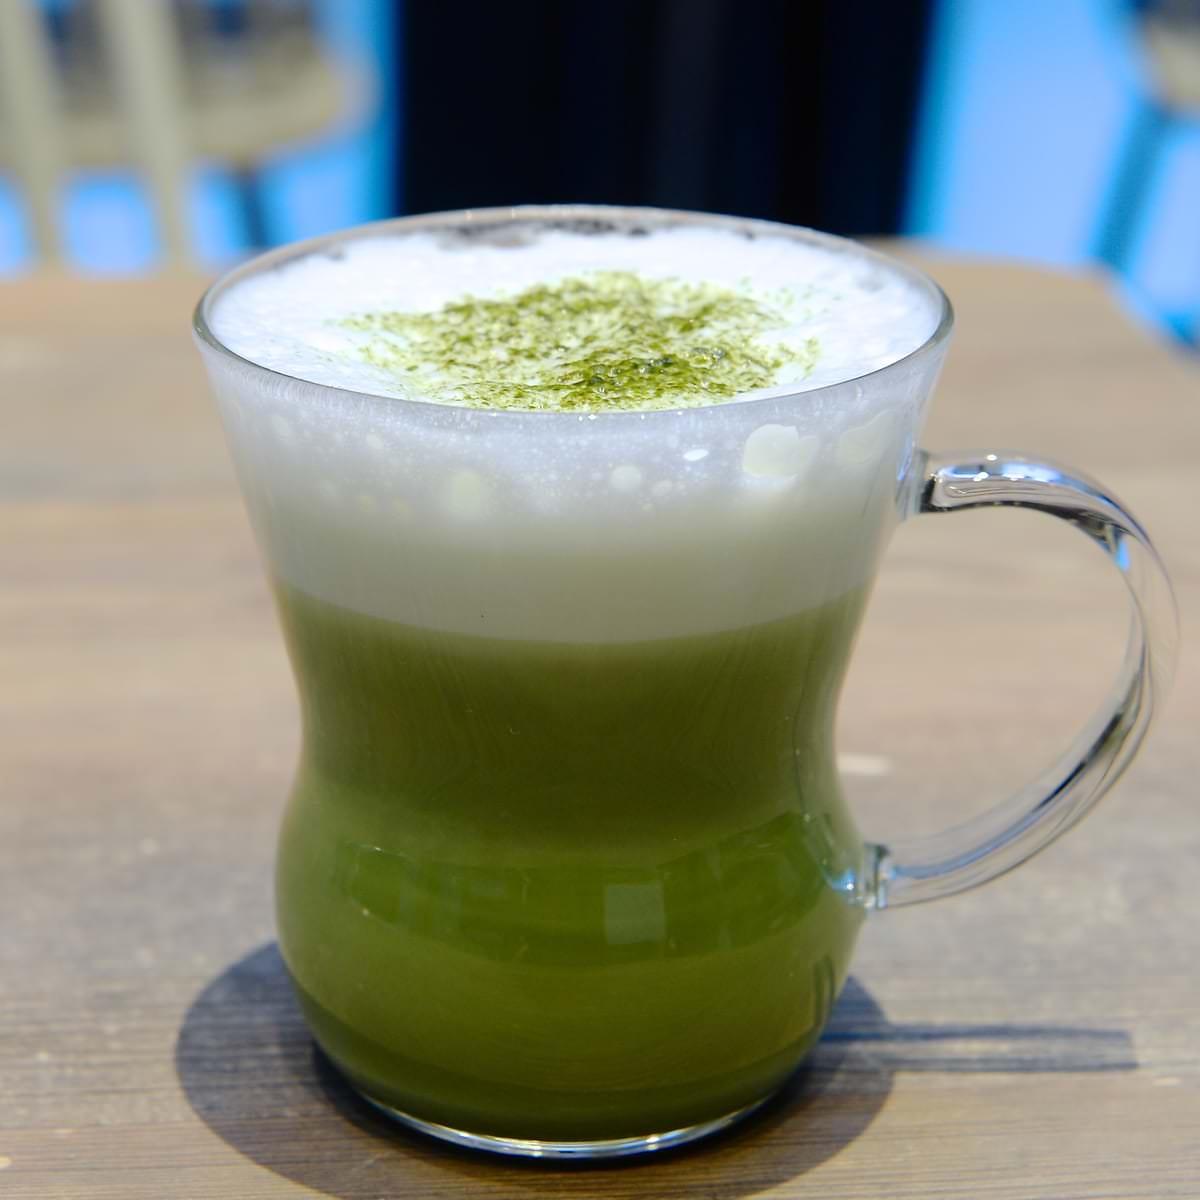 鶯丸の HOT 抹茶ラテ